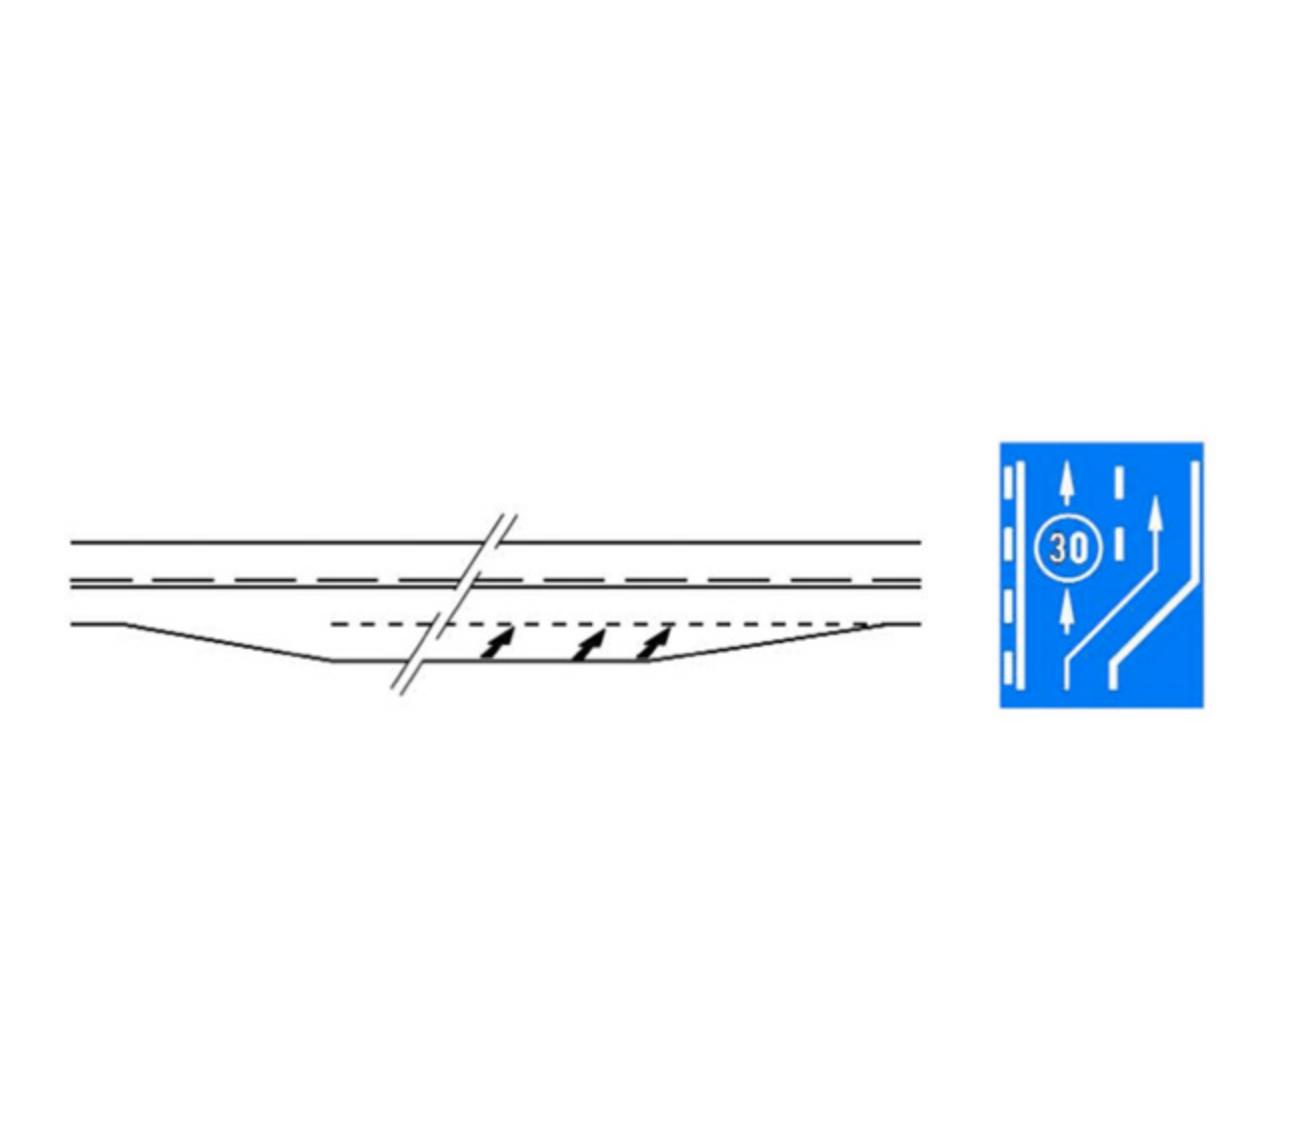 Marcajul benzii suplimentare pentru vehicule lente